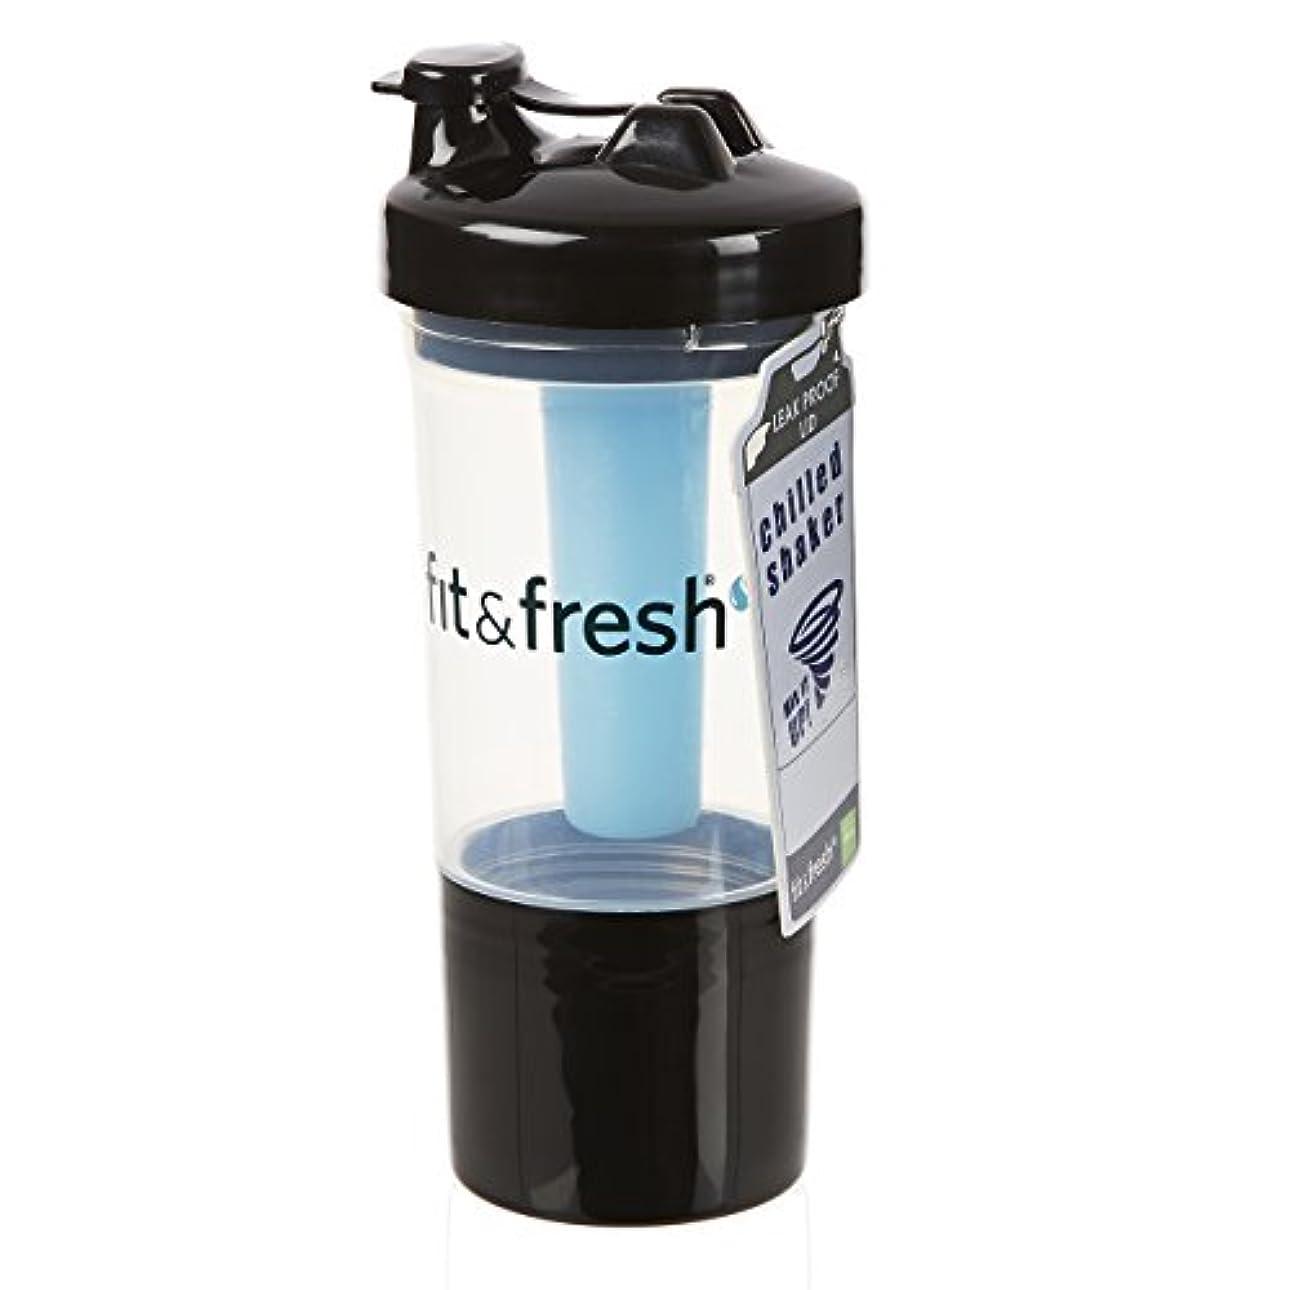 自動化ベジタリアン独占Fit & Fresh, CleanTek, Shaker Cup with Ice Wand Agitator & Storage Cup, 1 Cup